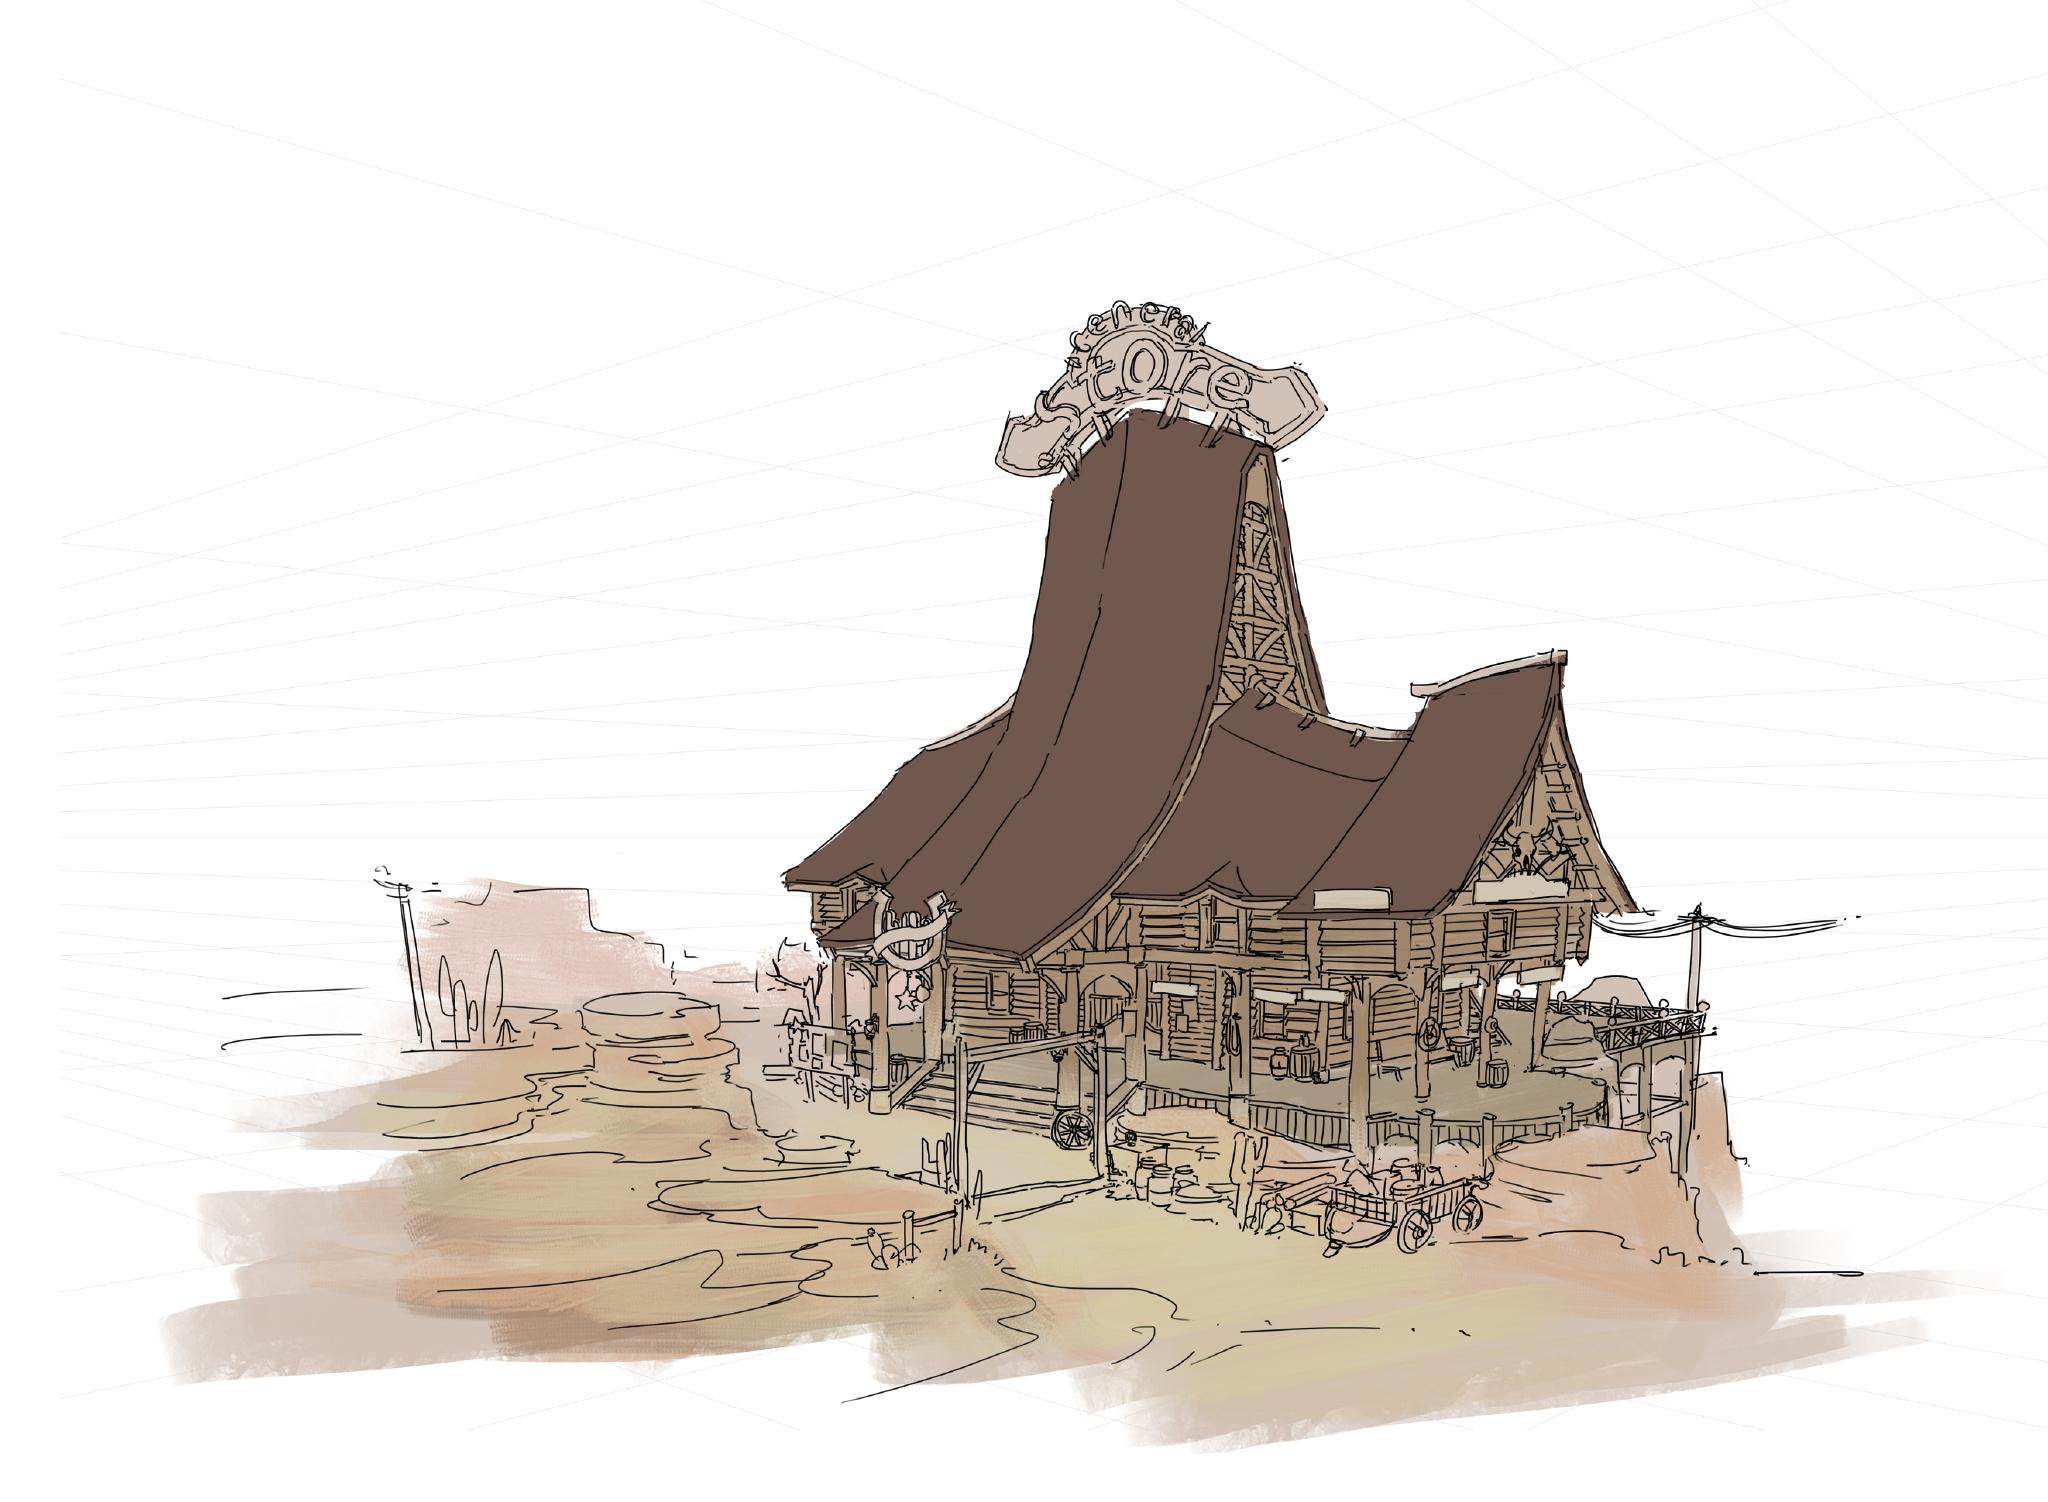 杜震 课范混合建筑设计《STORE》附高清步骤图